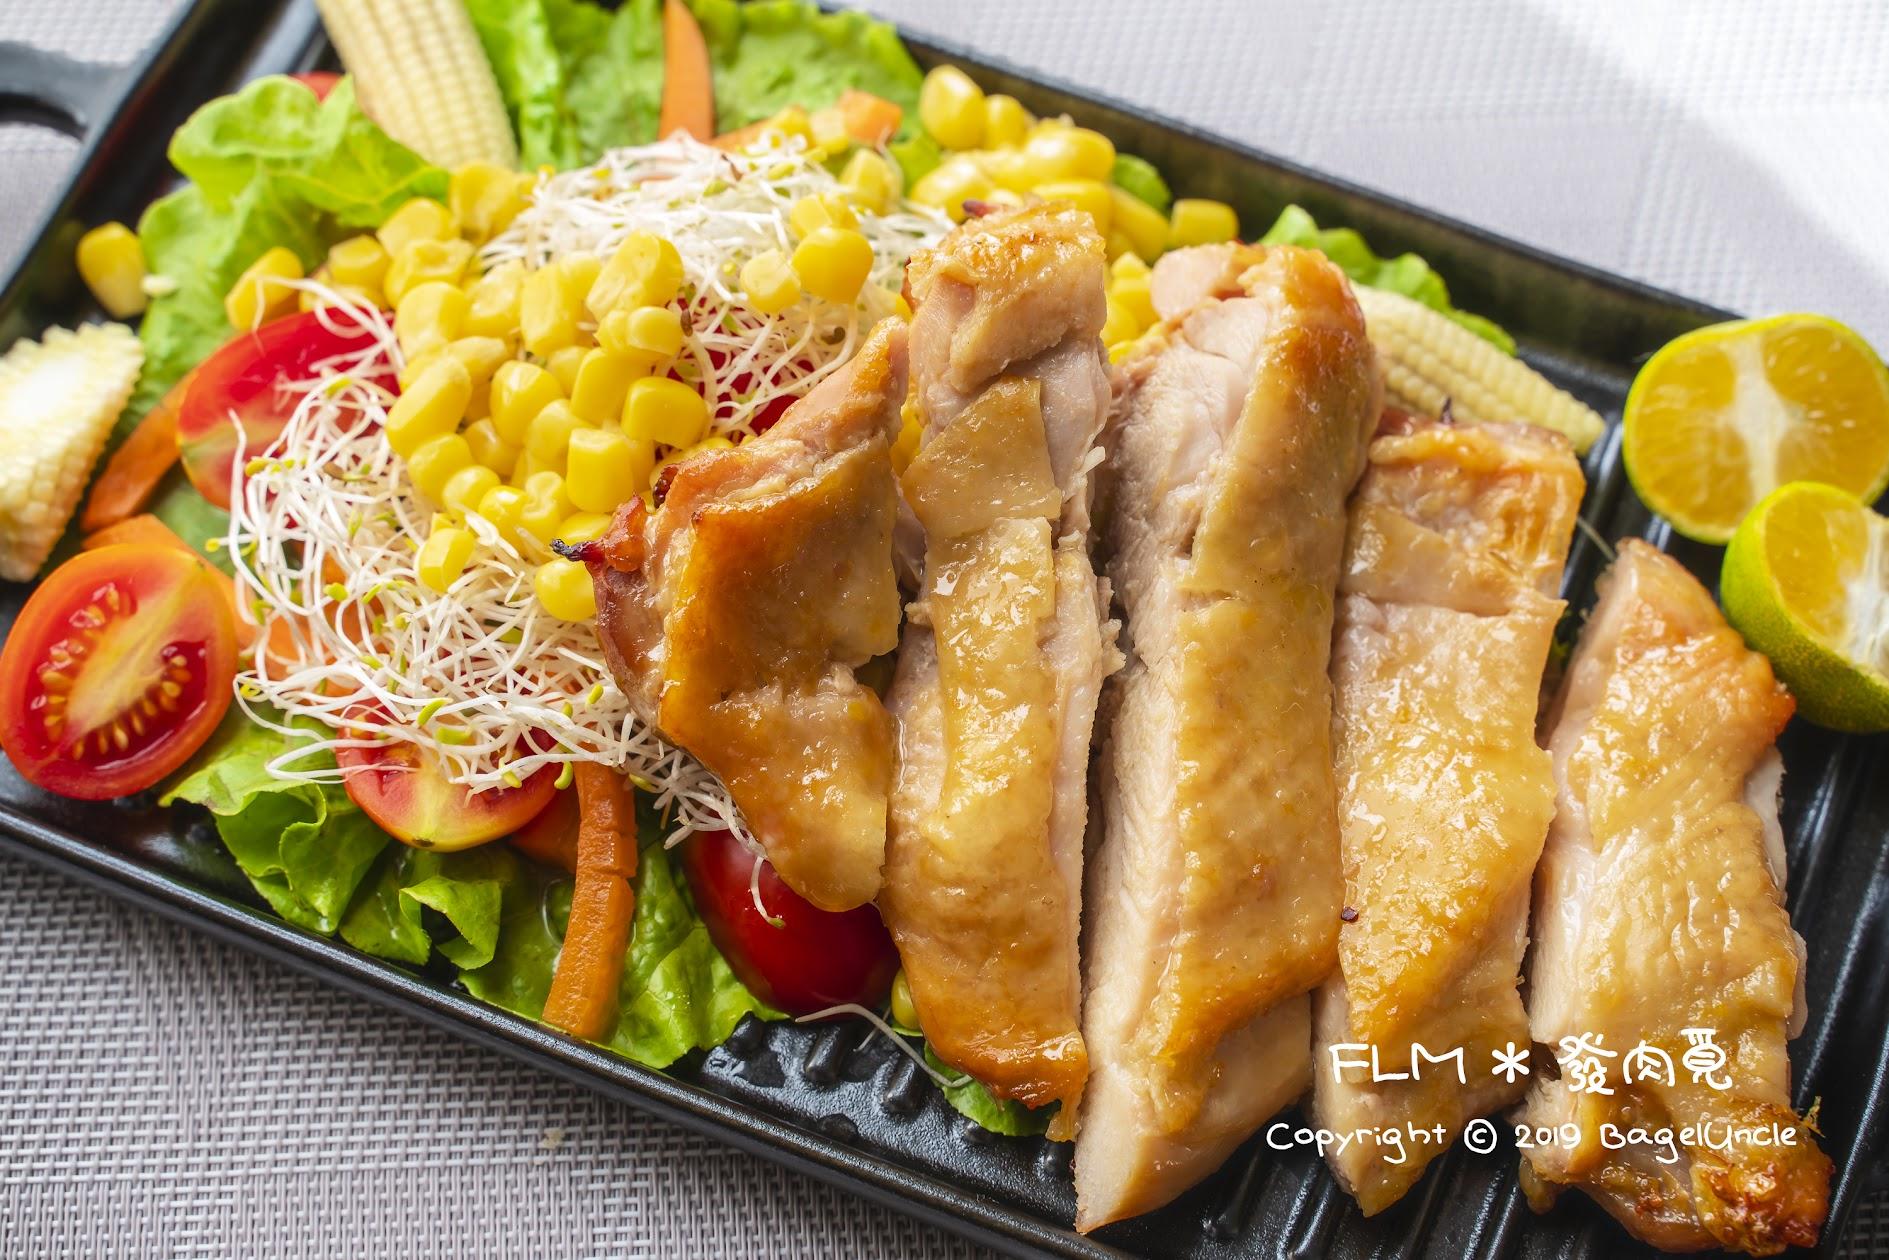 【美食】發肉覓 FLM 最方便的家庭常備菜!! 加熱即食輕鬆擁有美好食光